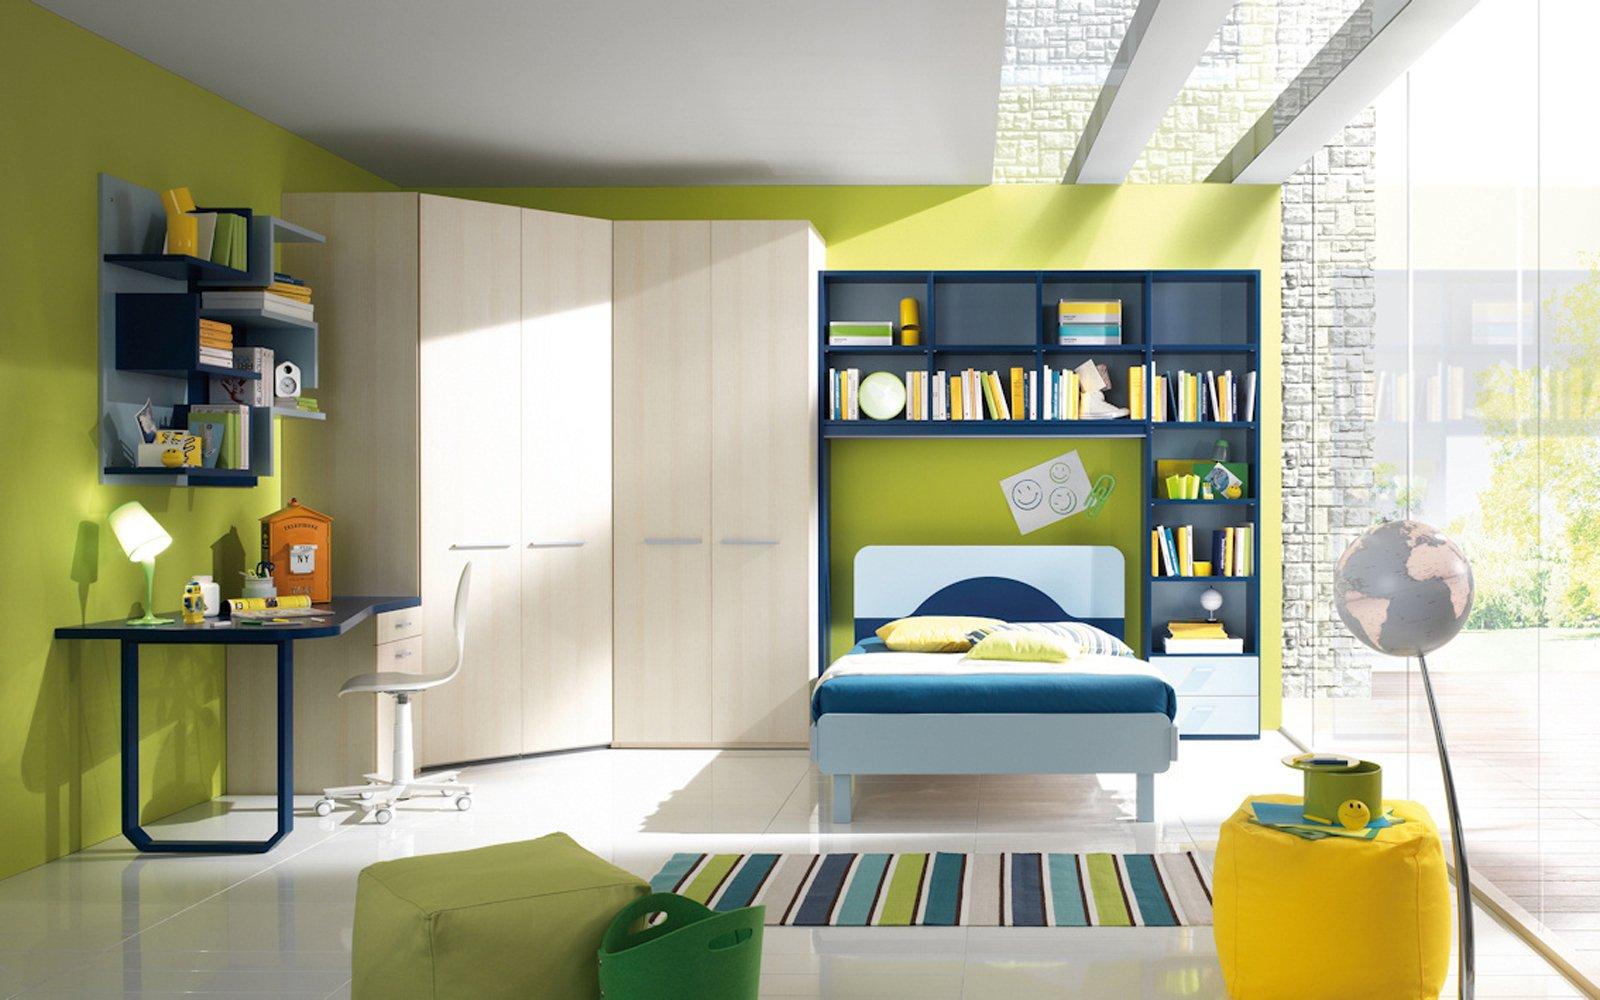 Camerette funzionalit a misura di bambino cose di casa for Scrivanie angolari per camerette